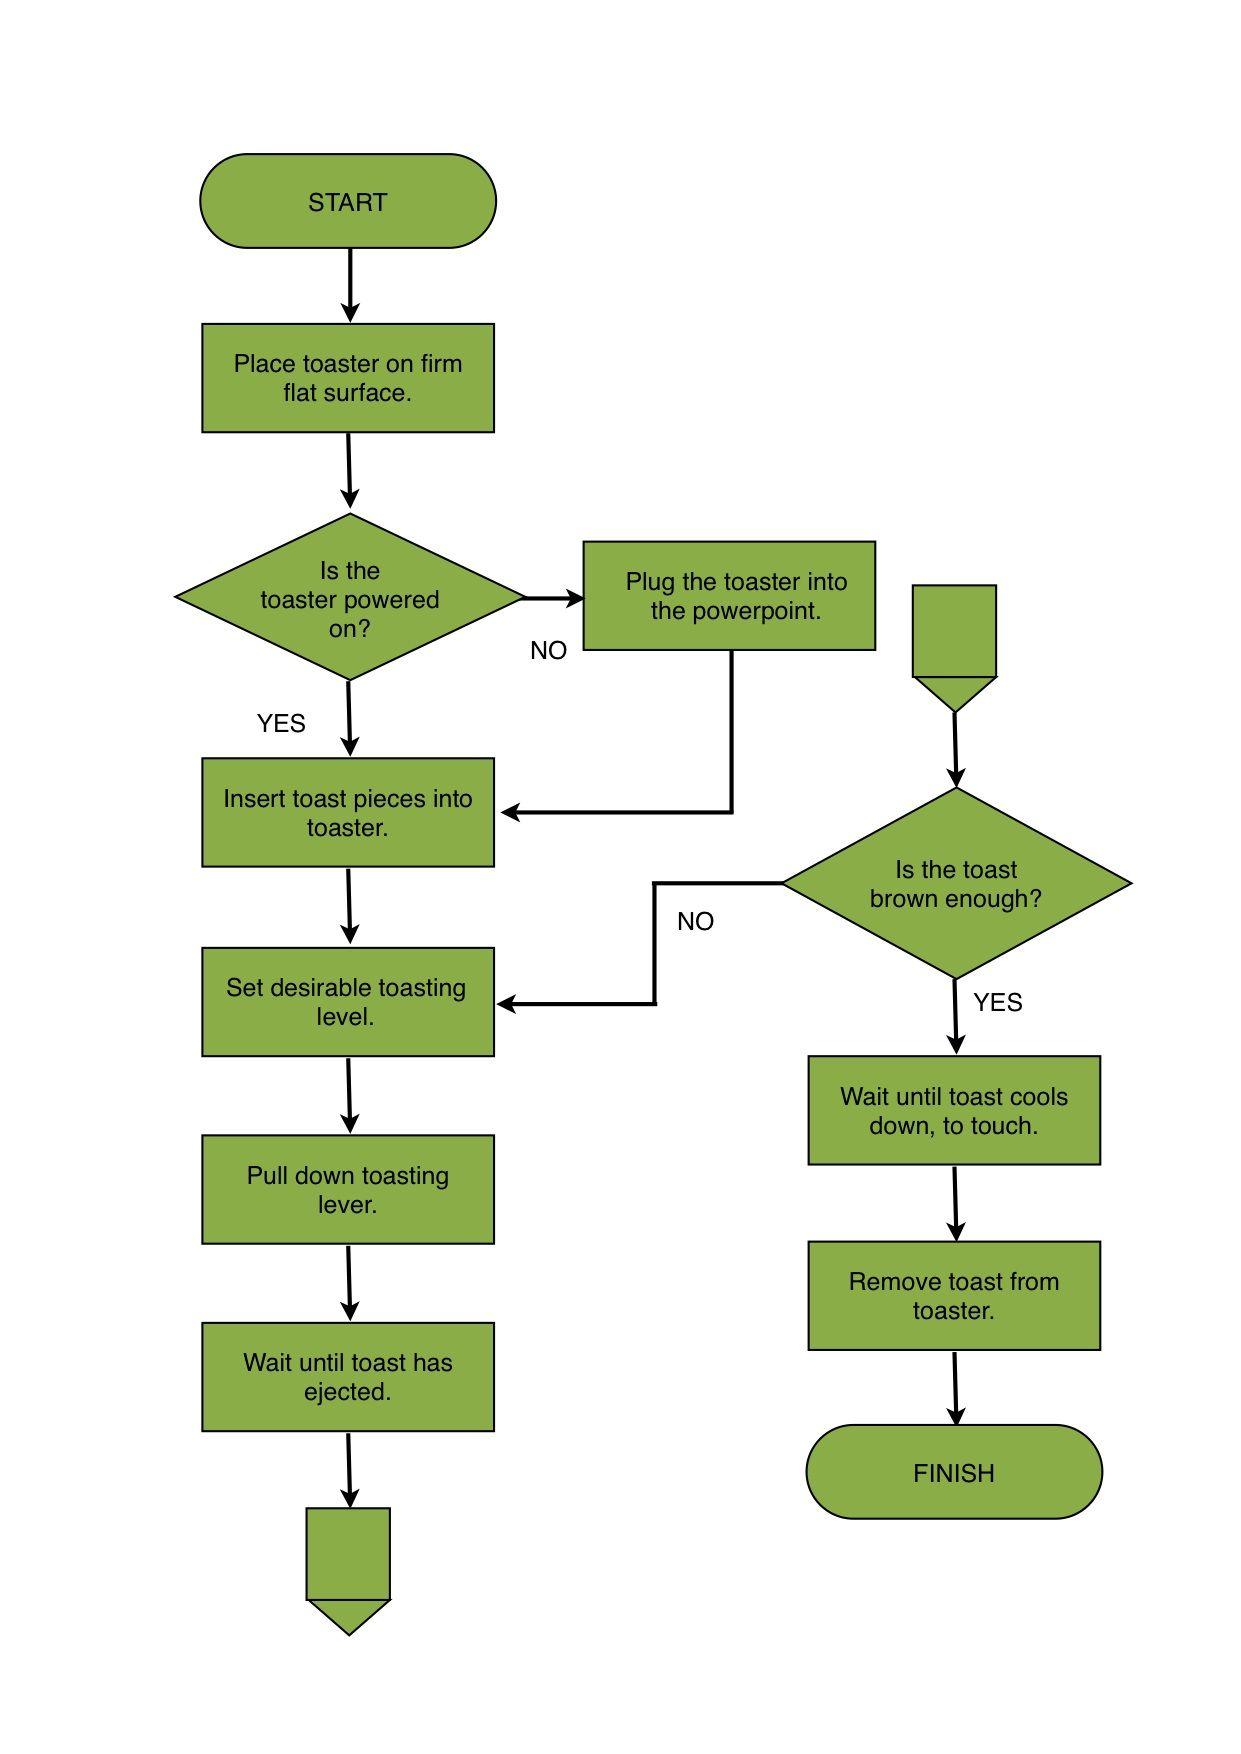 28 Word Flowchart Templates Flowchart Template Word Throughout Microsoft Word Flowchart Template Best Te Flow Chart Template Flow Chart Best Templates Flow chart template microsoft word